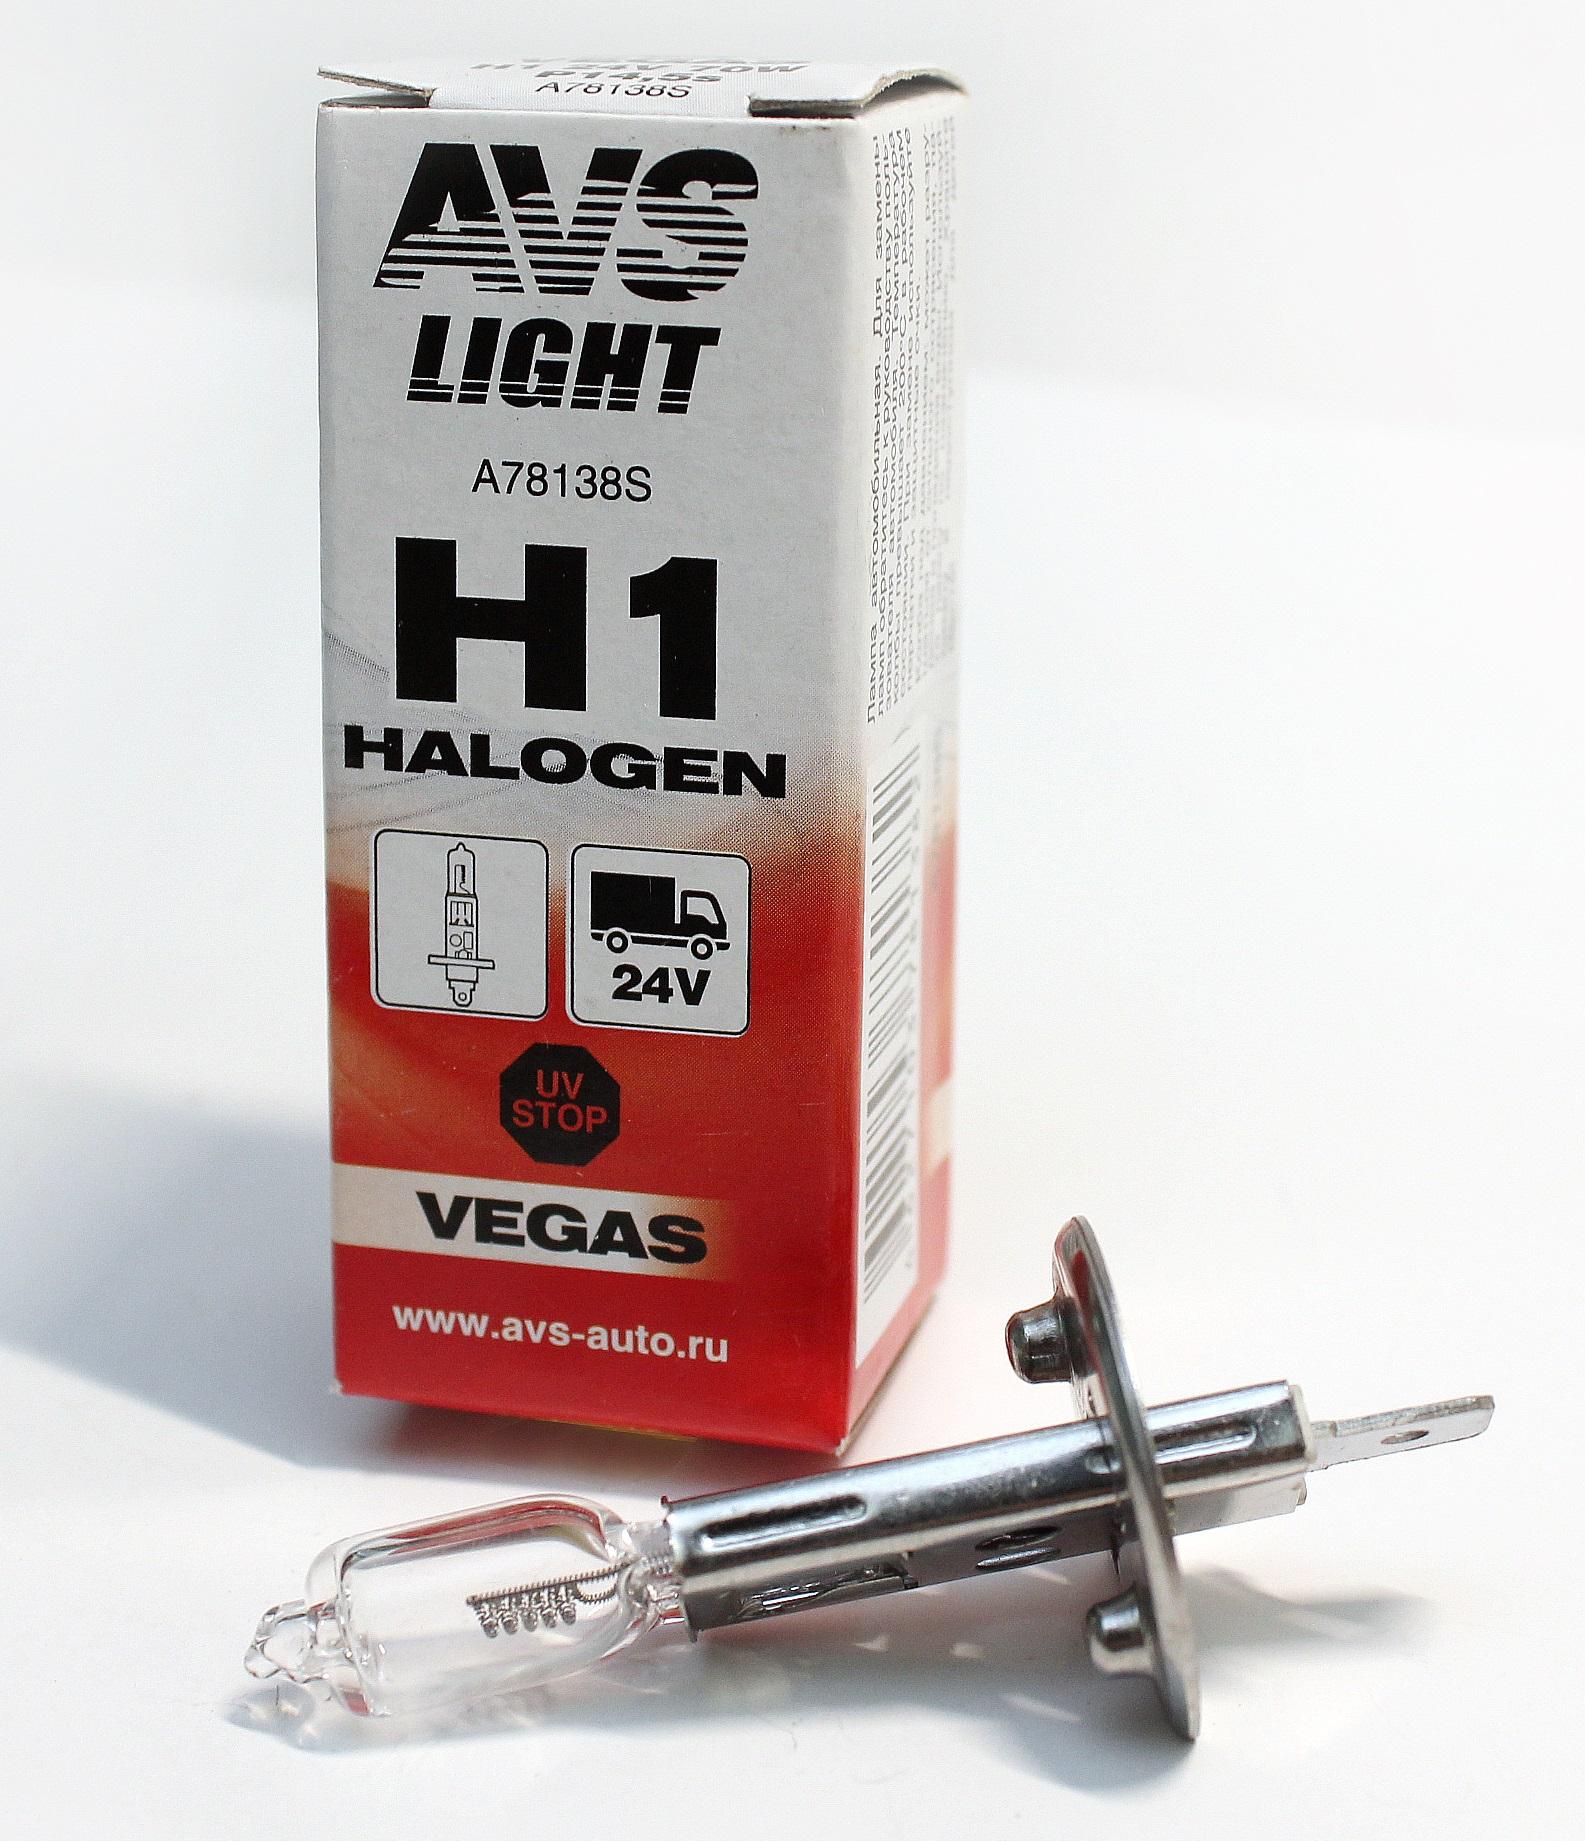 Лампа автомобильная Avs Vegas h1 24v 70w